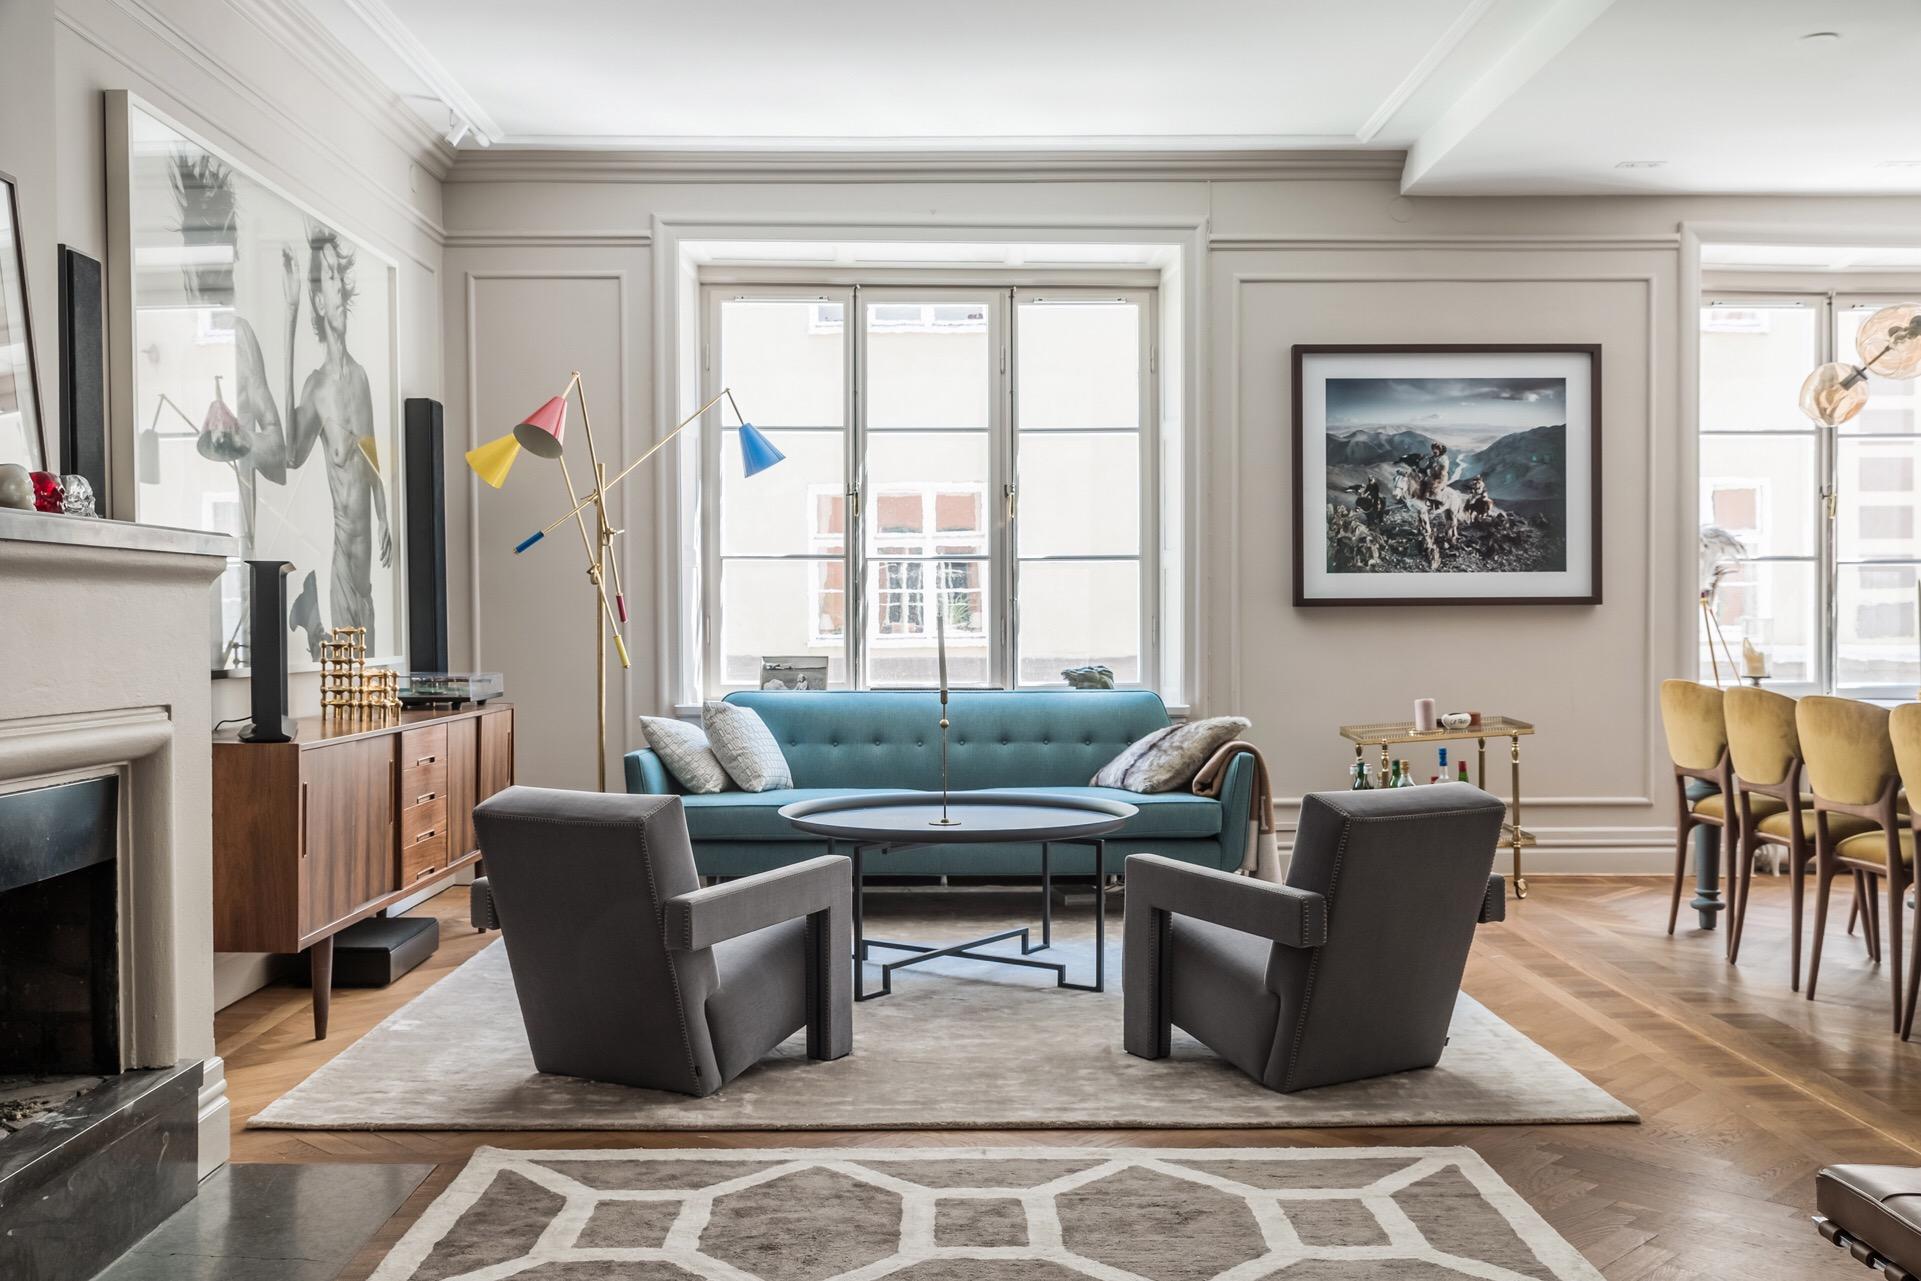 гостиная мягкая мебель ковер паркет окна стены молдинги